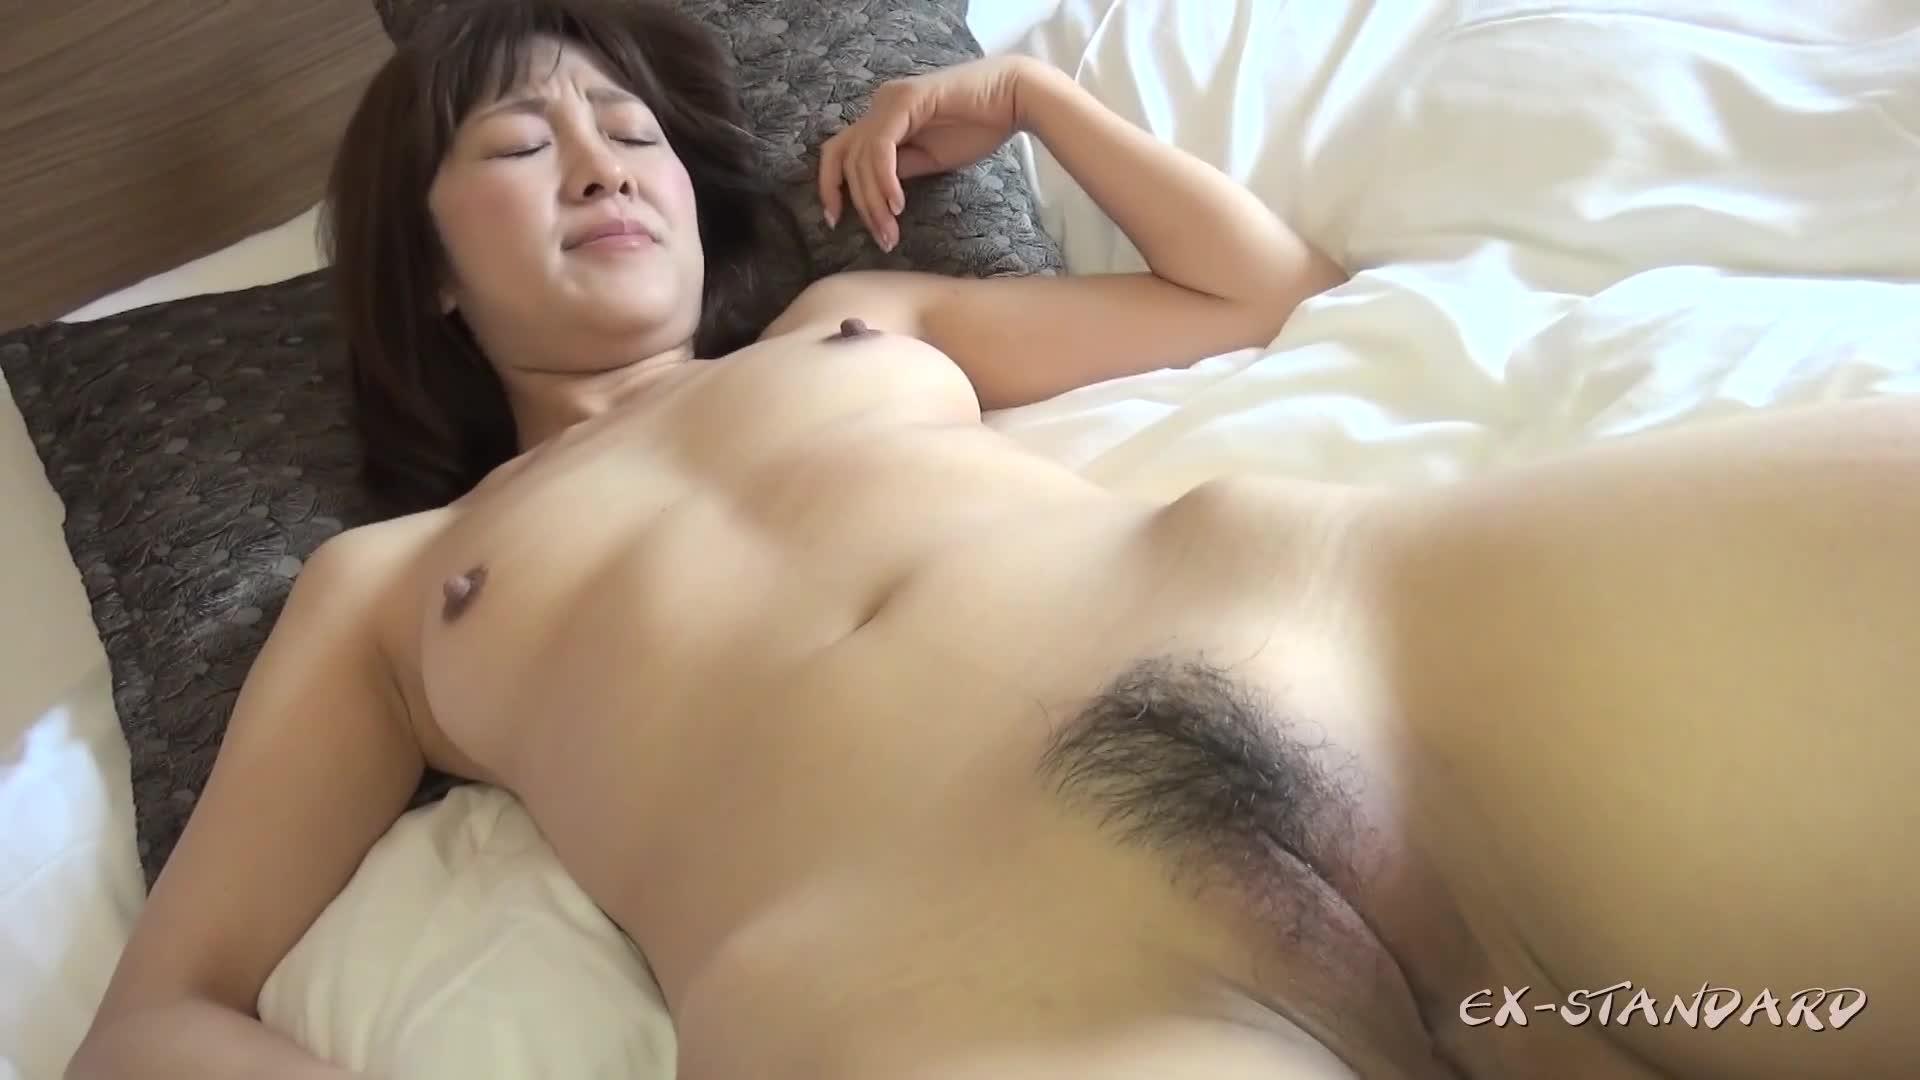 【無】【個人撮影】みなこ37歳 生殖本能を刺激するセレブ美人妻に大量中出し【前編】